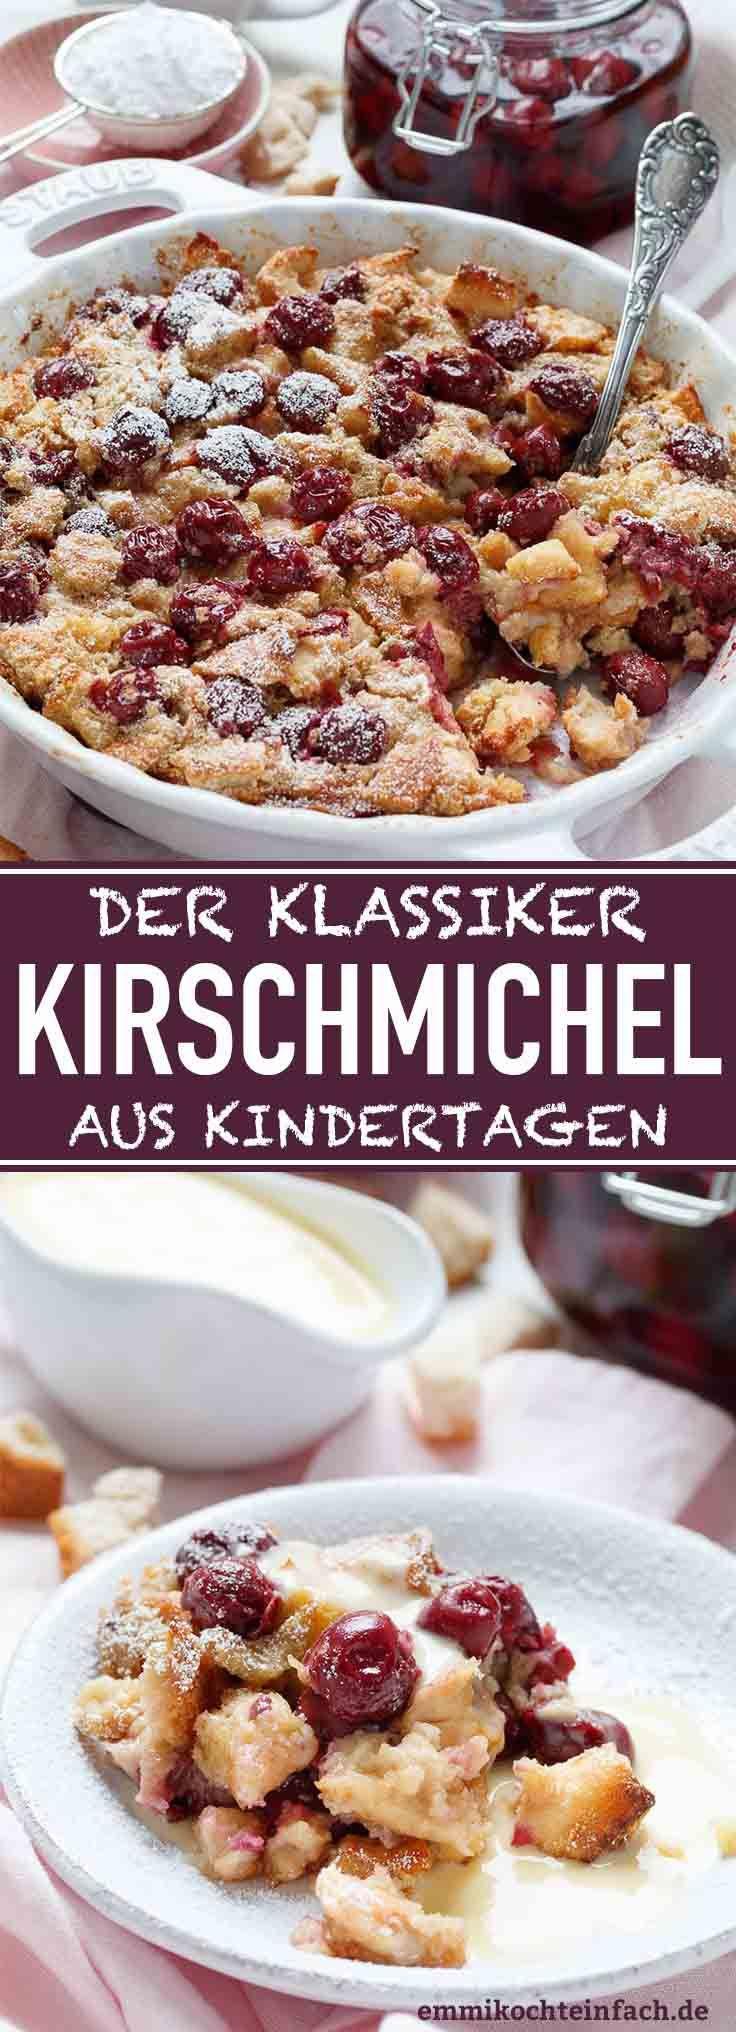 Kirschichel from Omi – the simple oven dessert